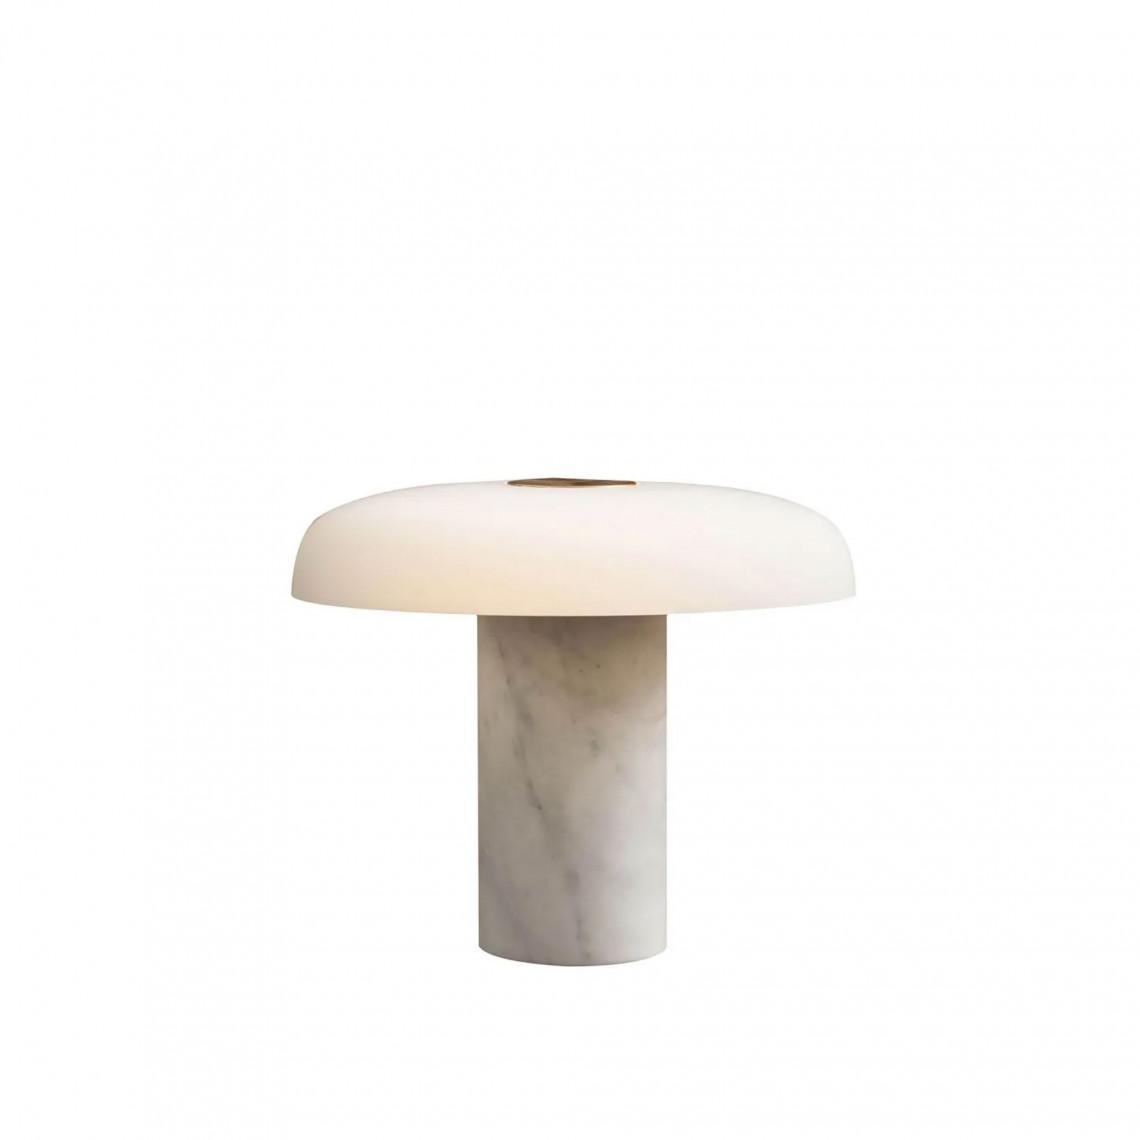 Tropico - Bordslampa Carrara Marmor